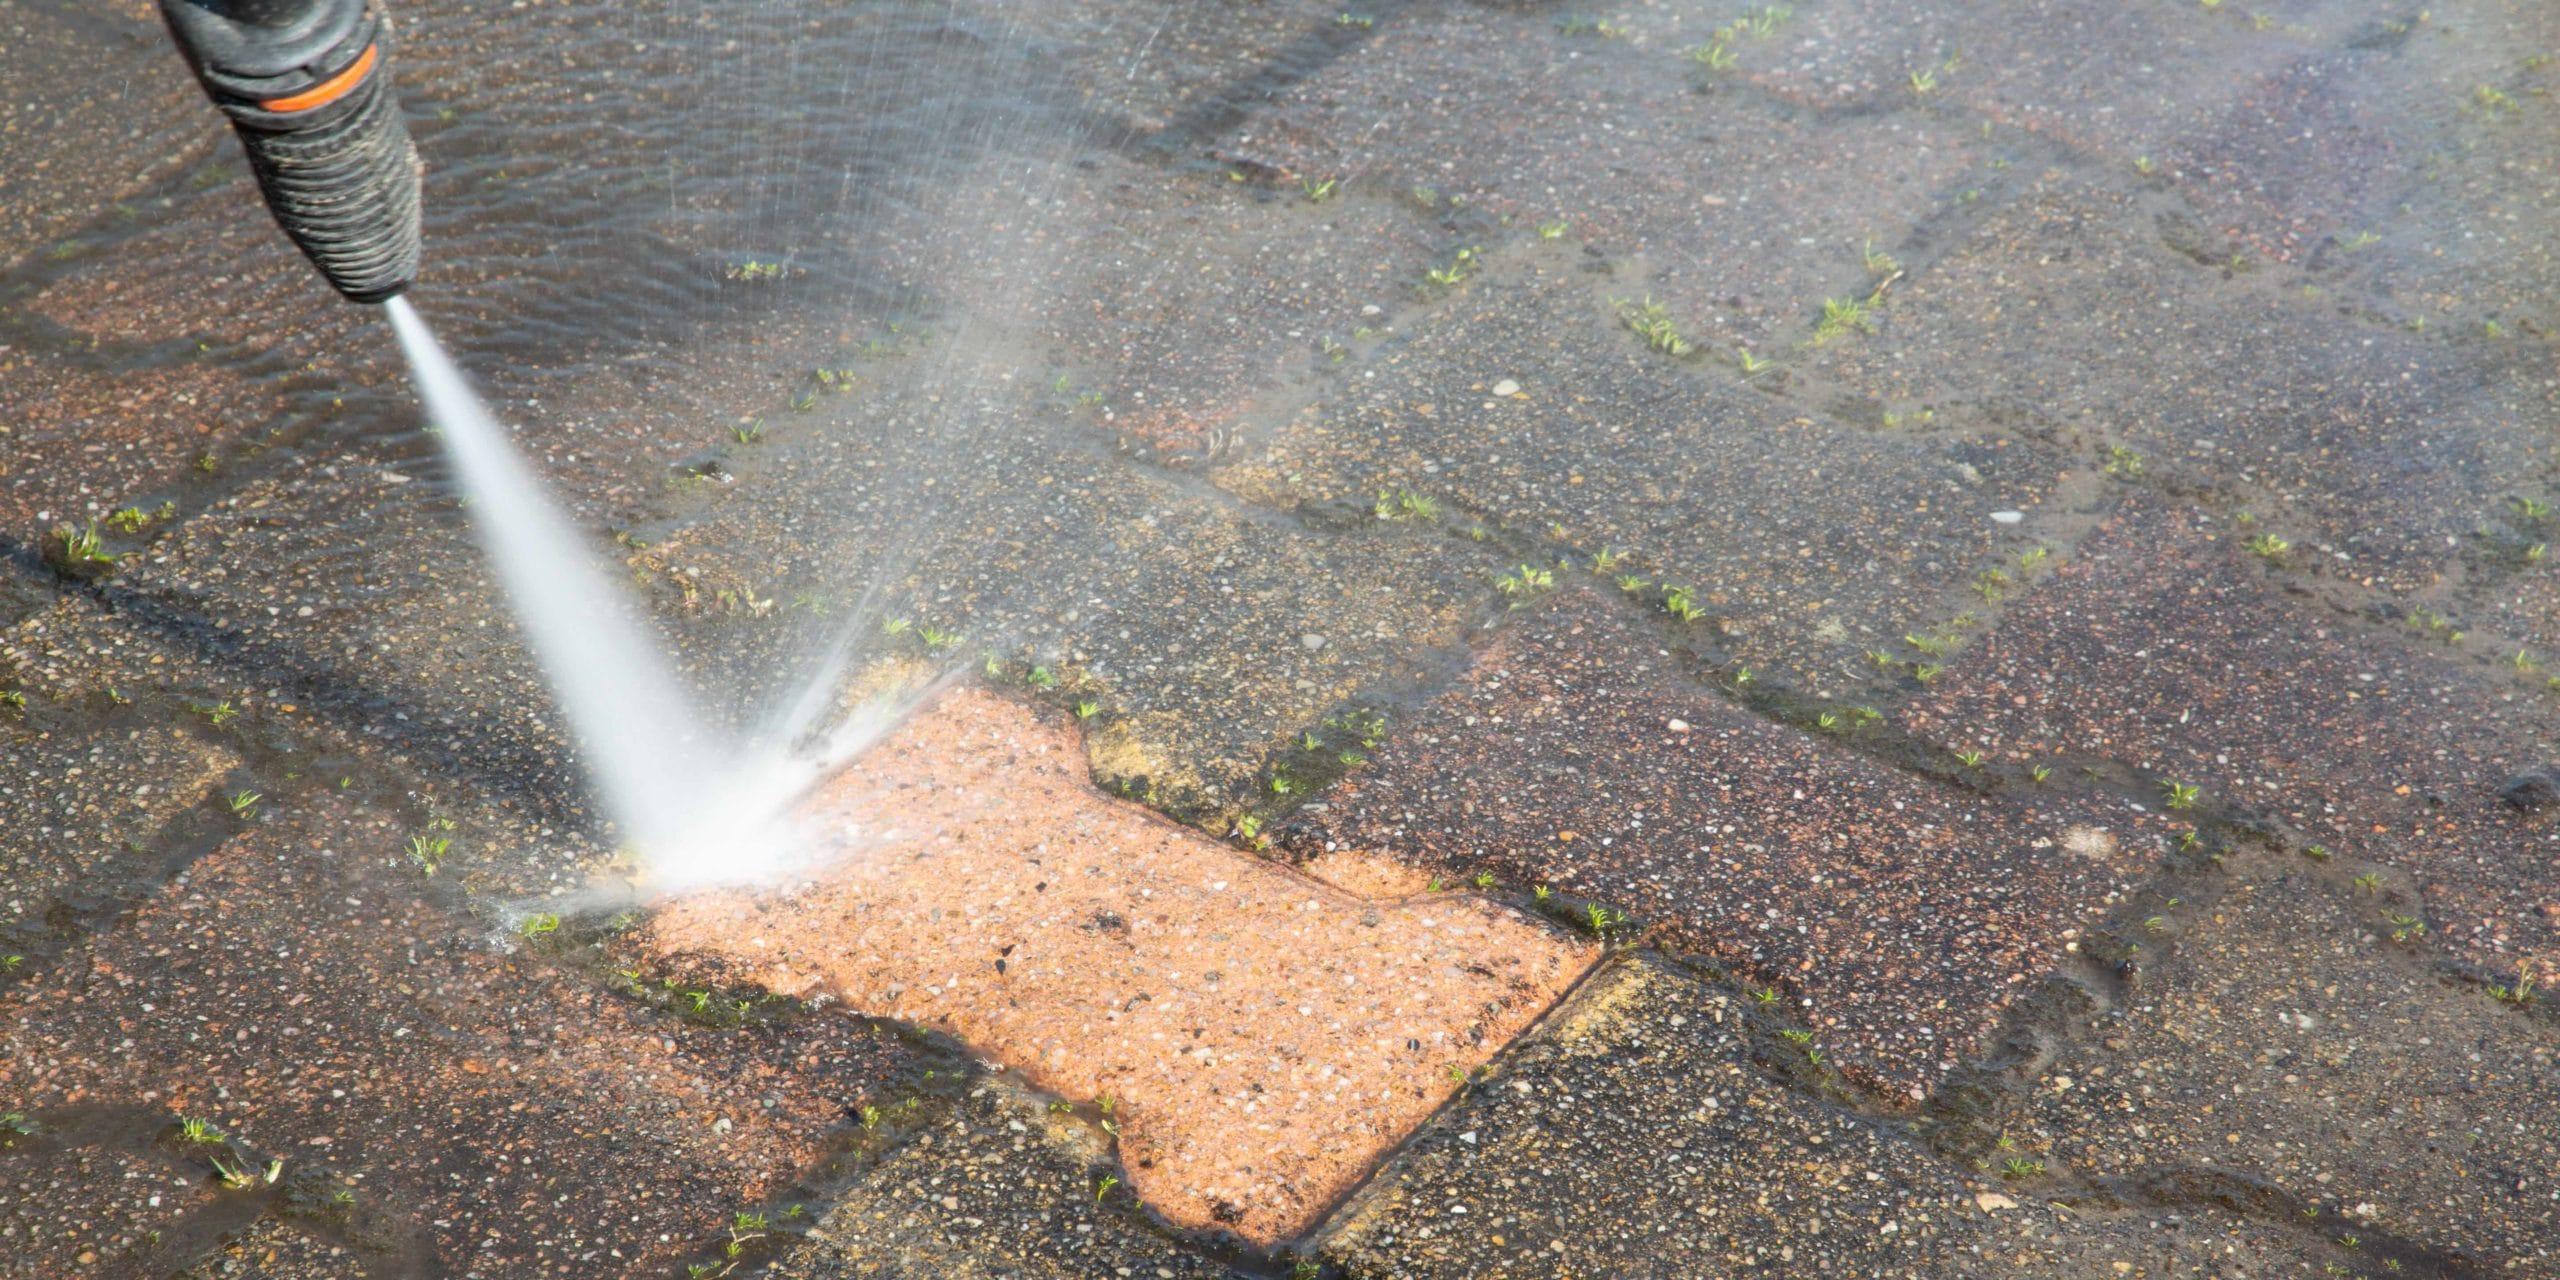 Pressure washing a brick patio floor.